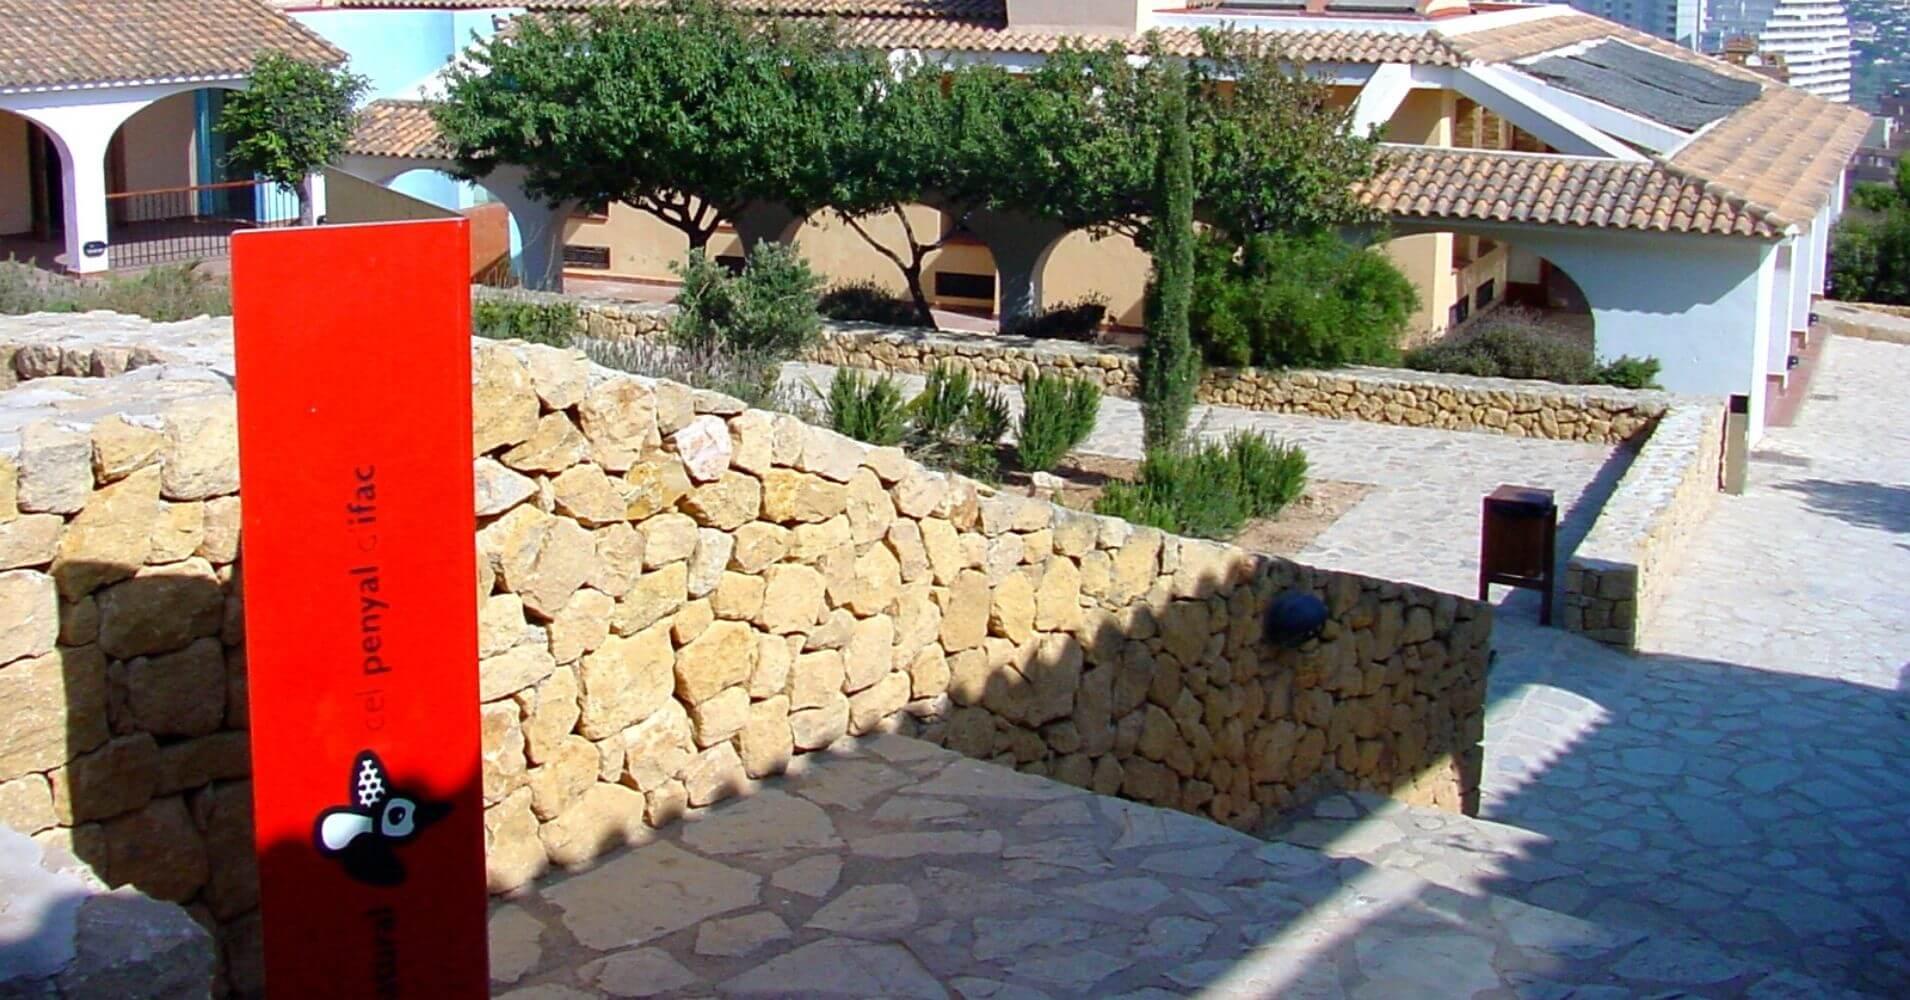 Centro de Interpretación Peñón de Ifach. Calpe, Alicate. Comunidad Valenciana.